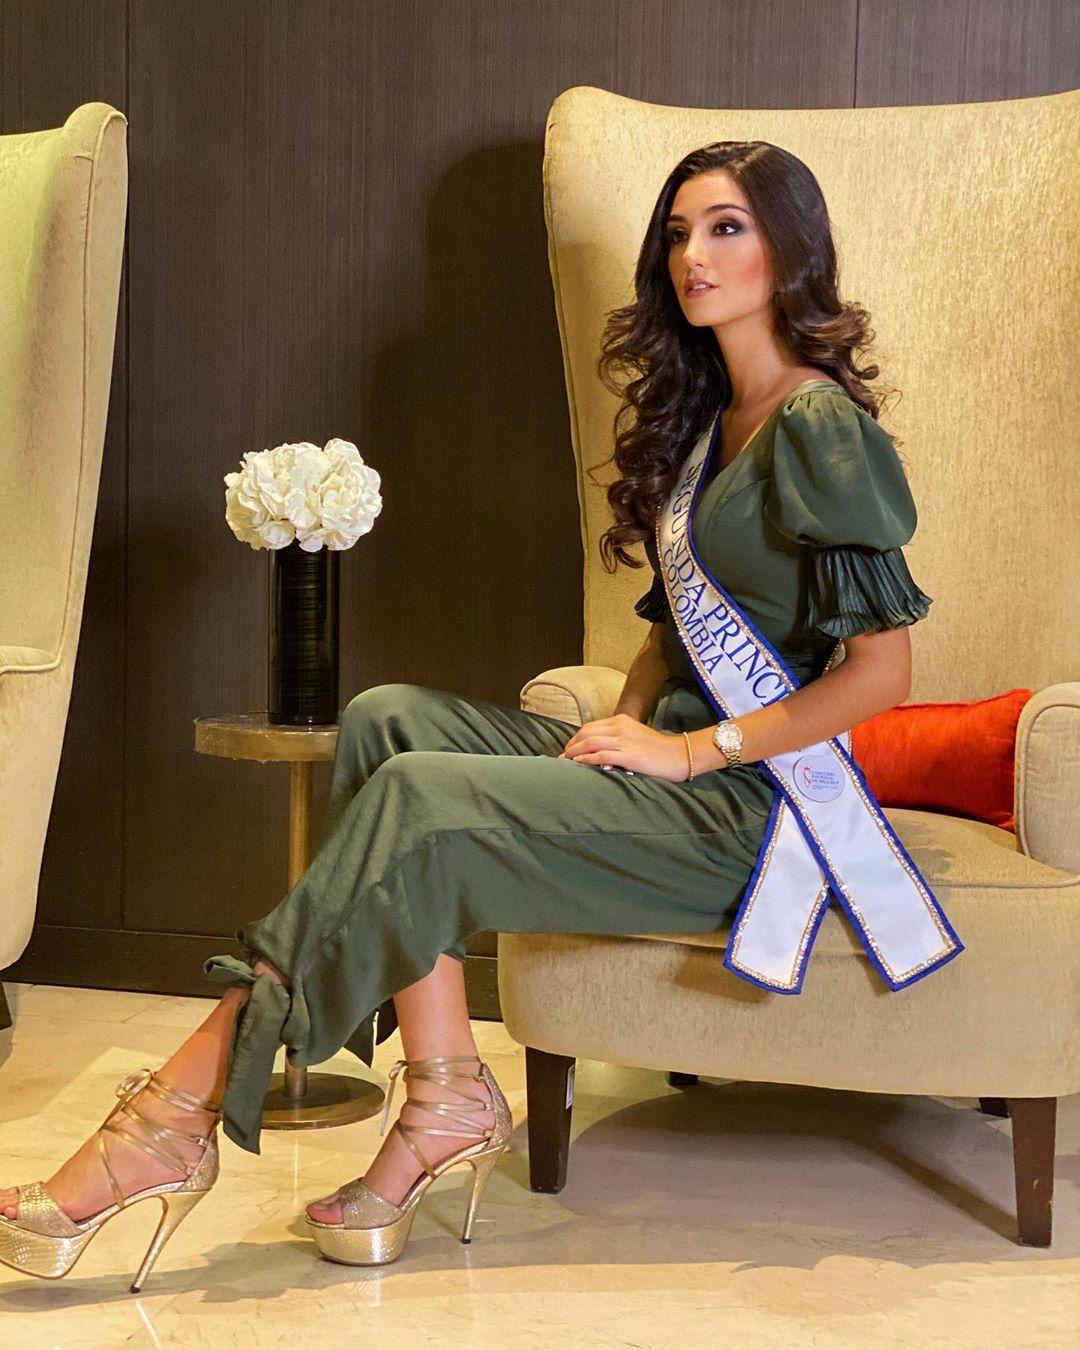 mariana jaramillo, miss charm colombia 2020. - Página 2 87347710